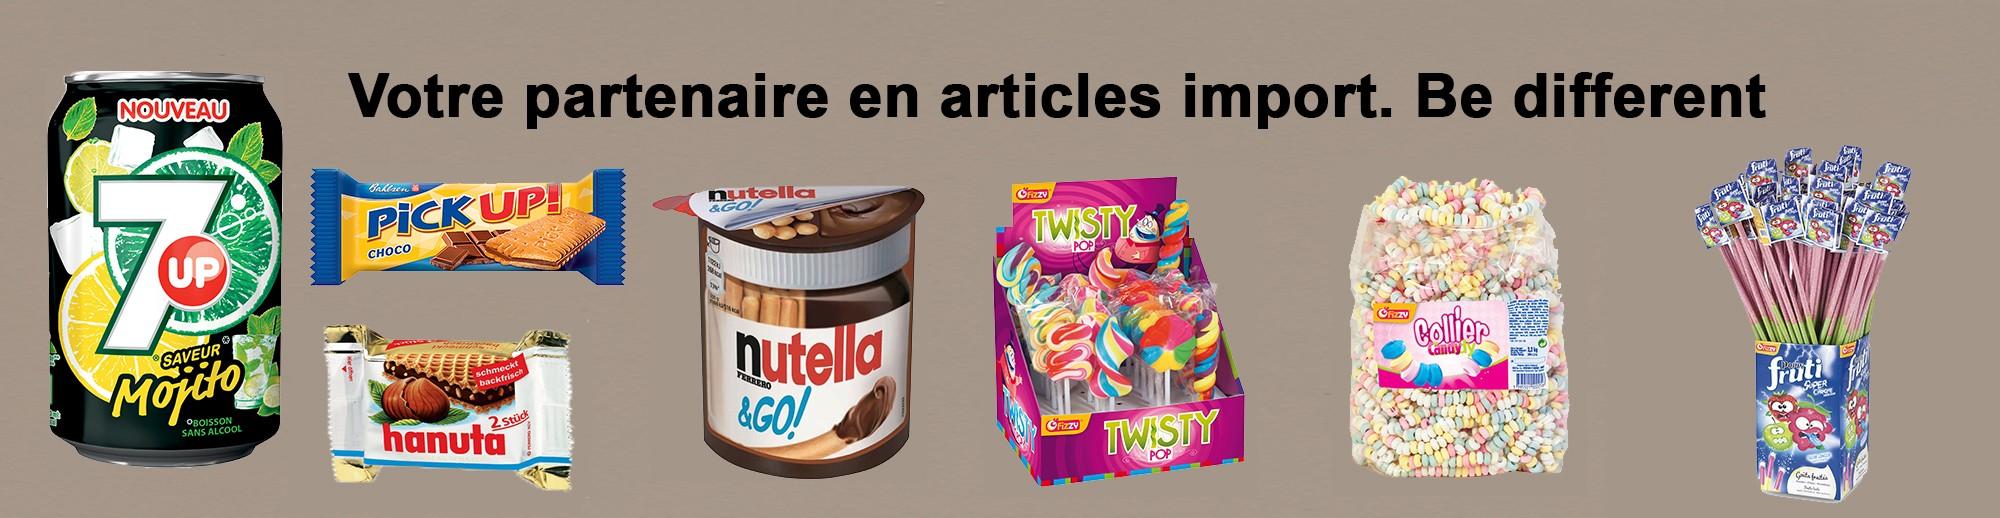 Partenaire articles import